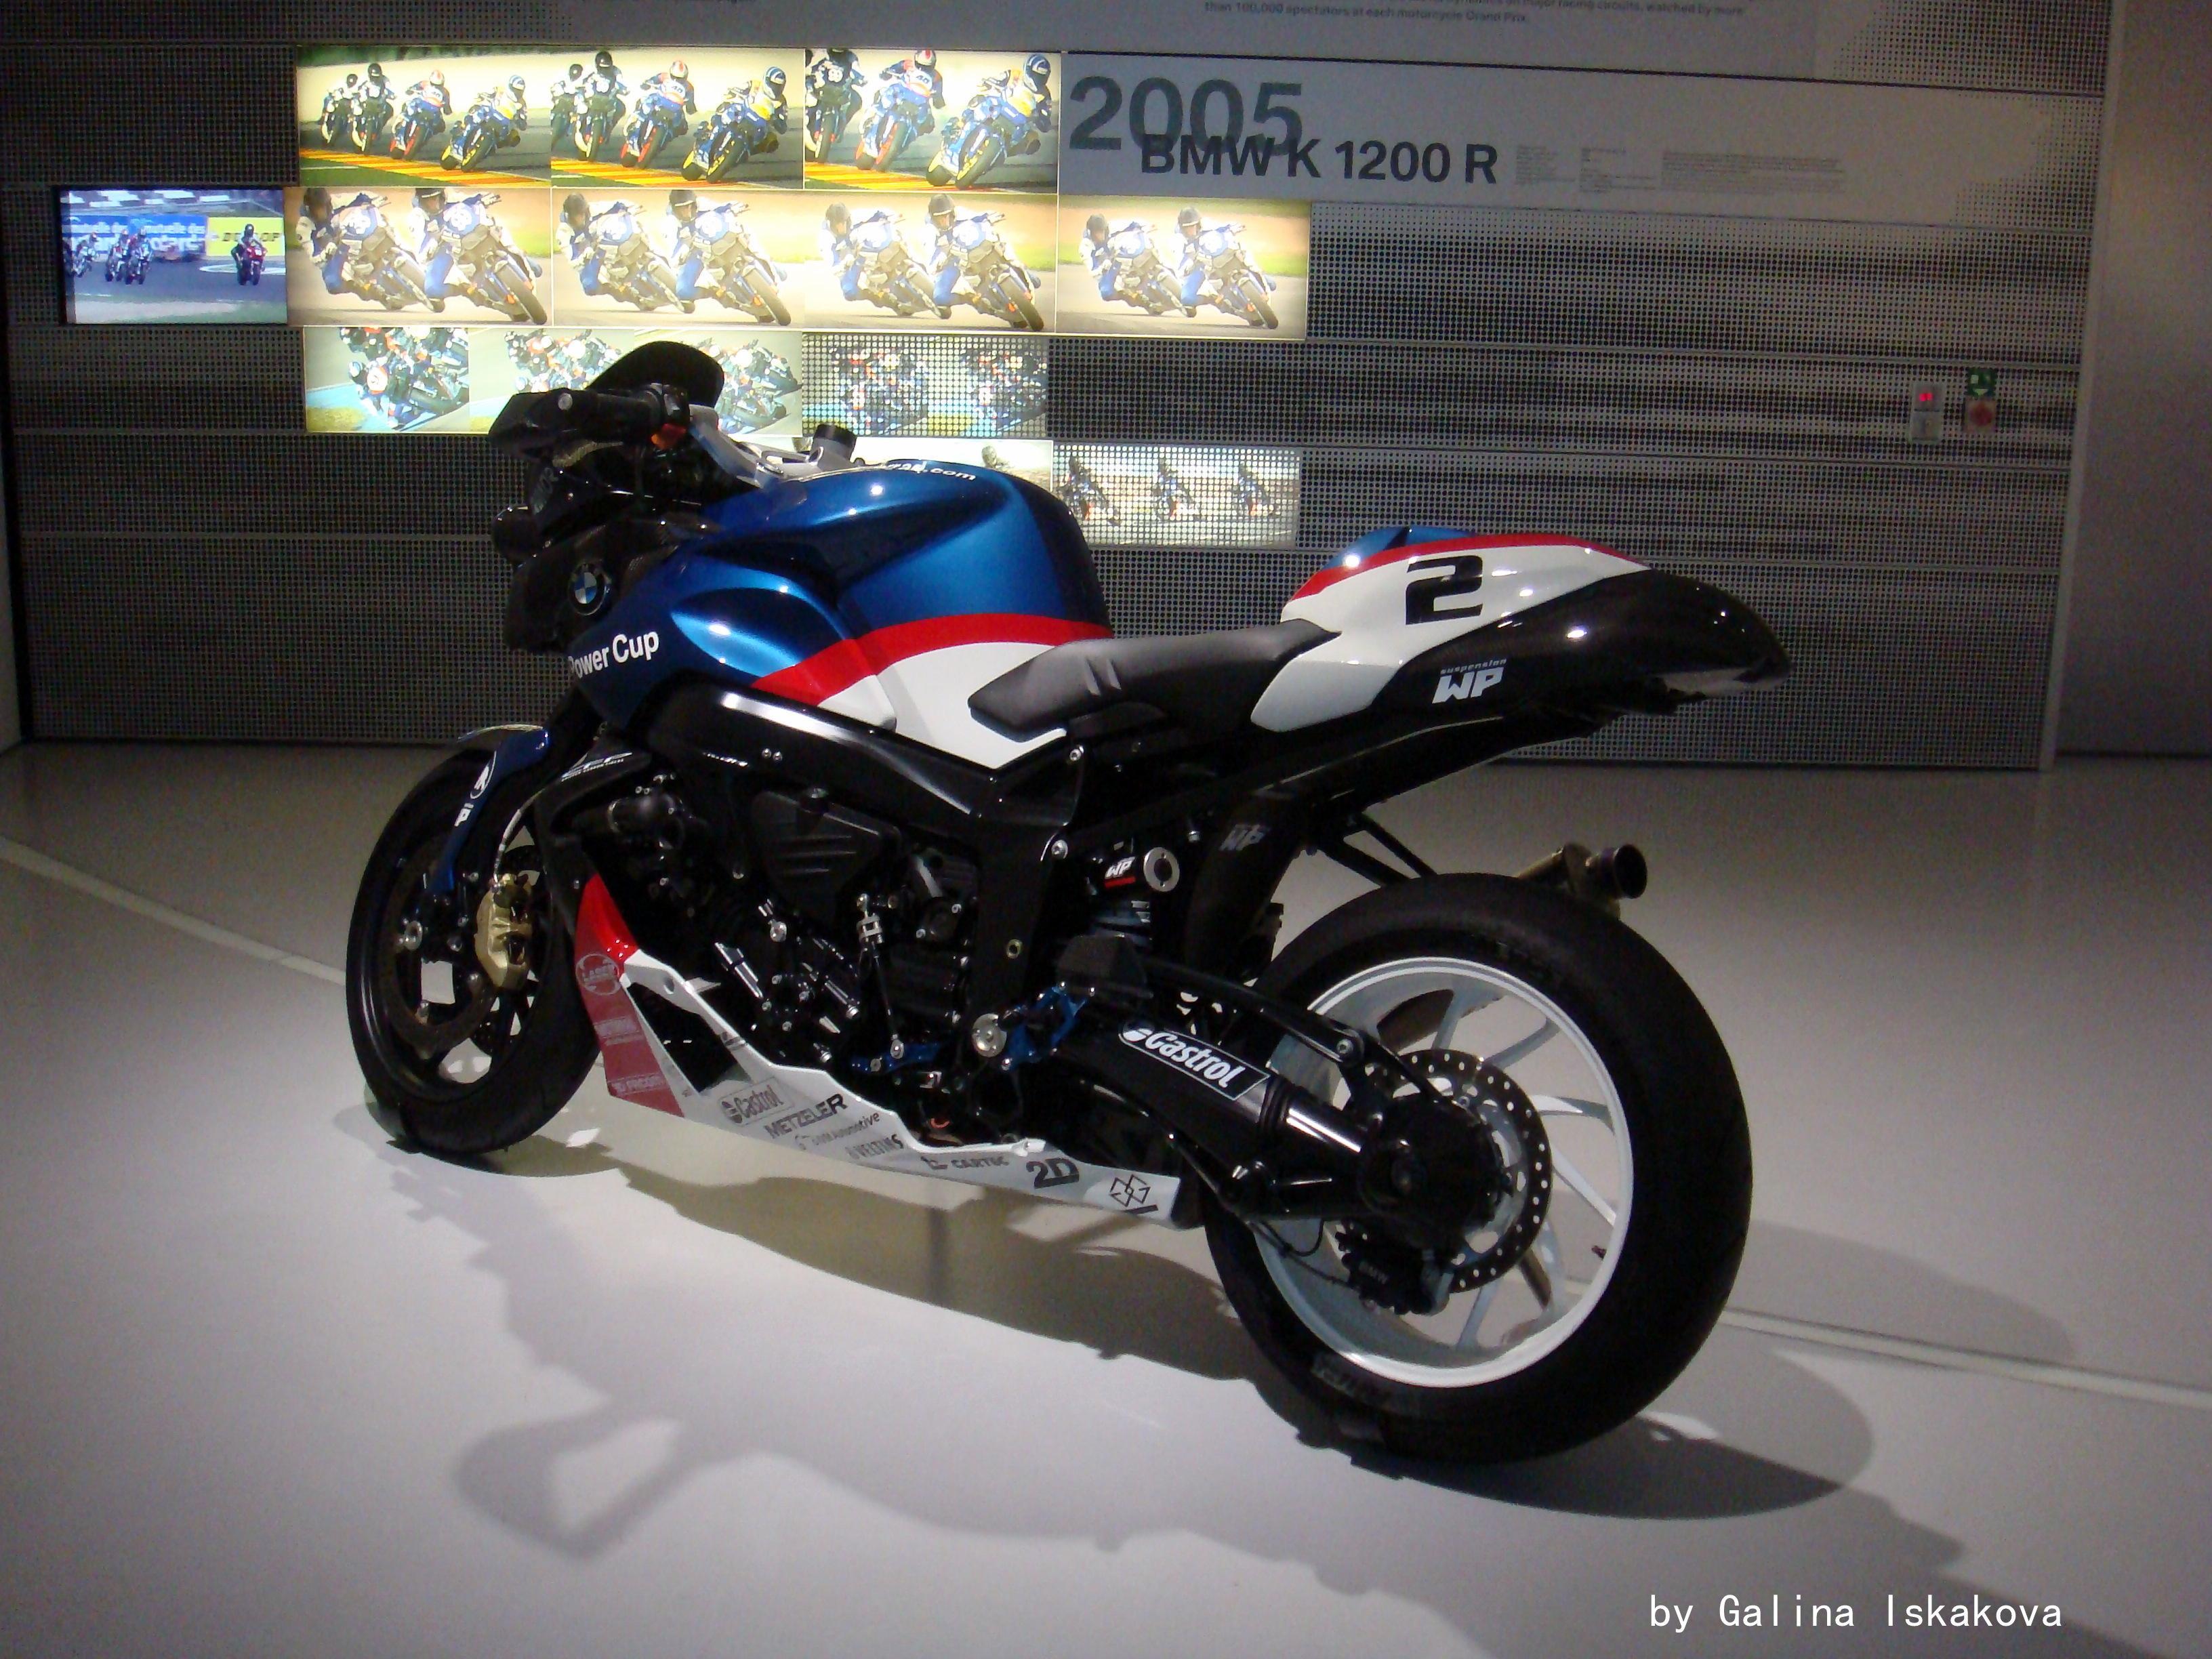 Спортивный мотоцикл BMW K 1200 R